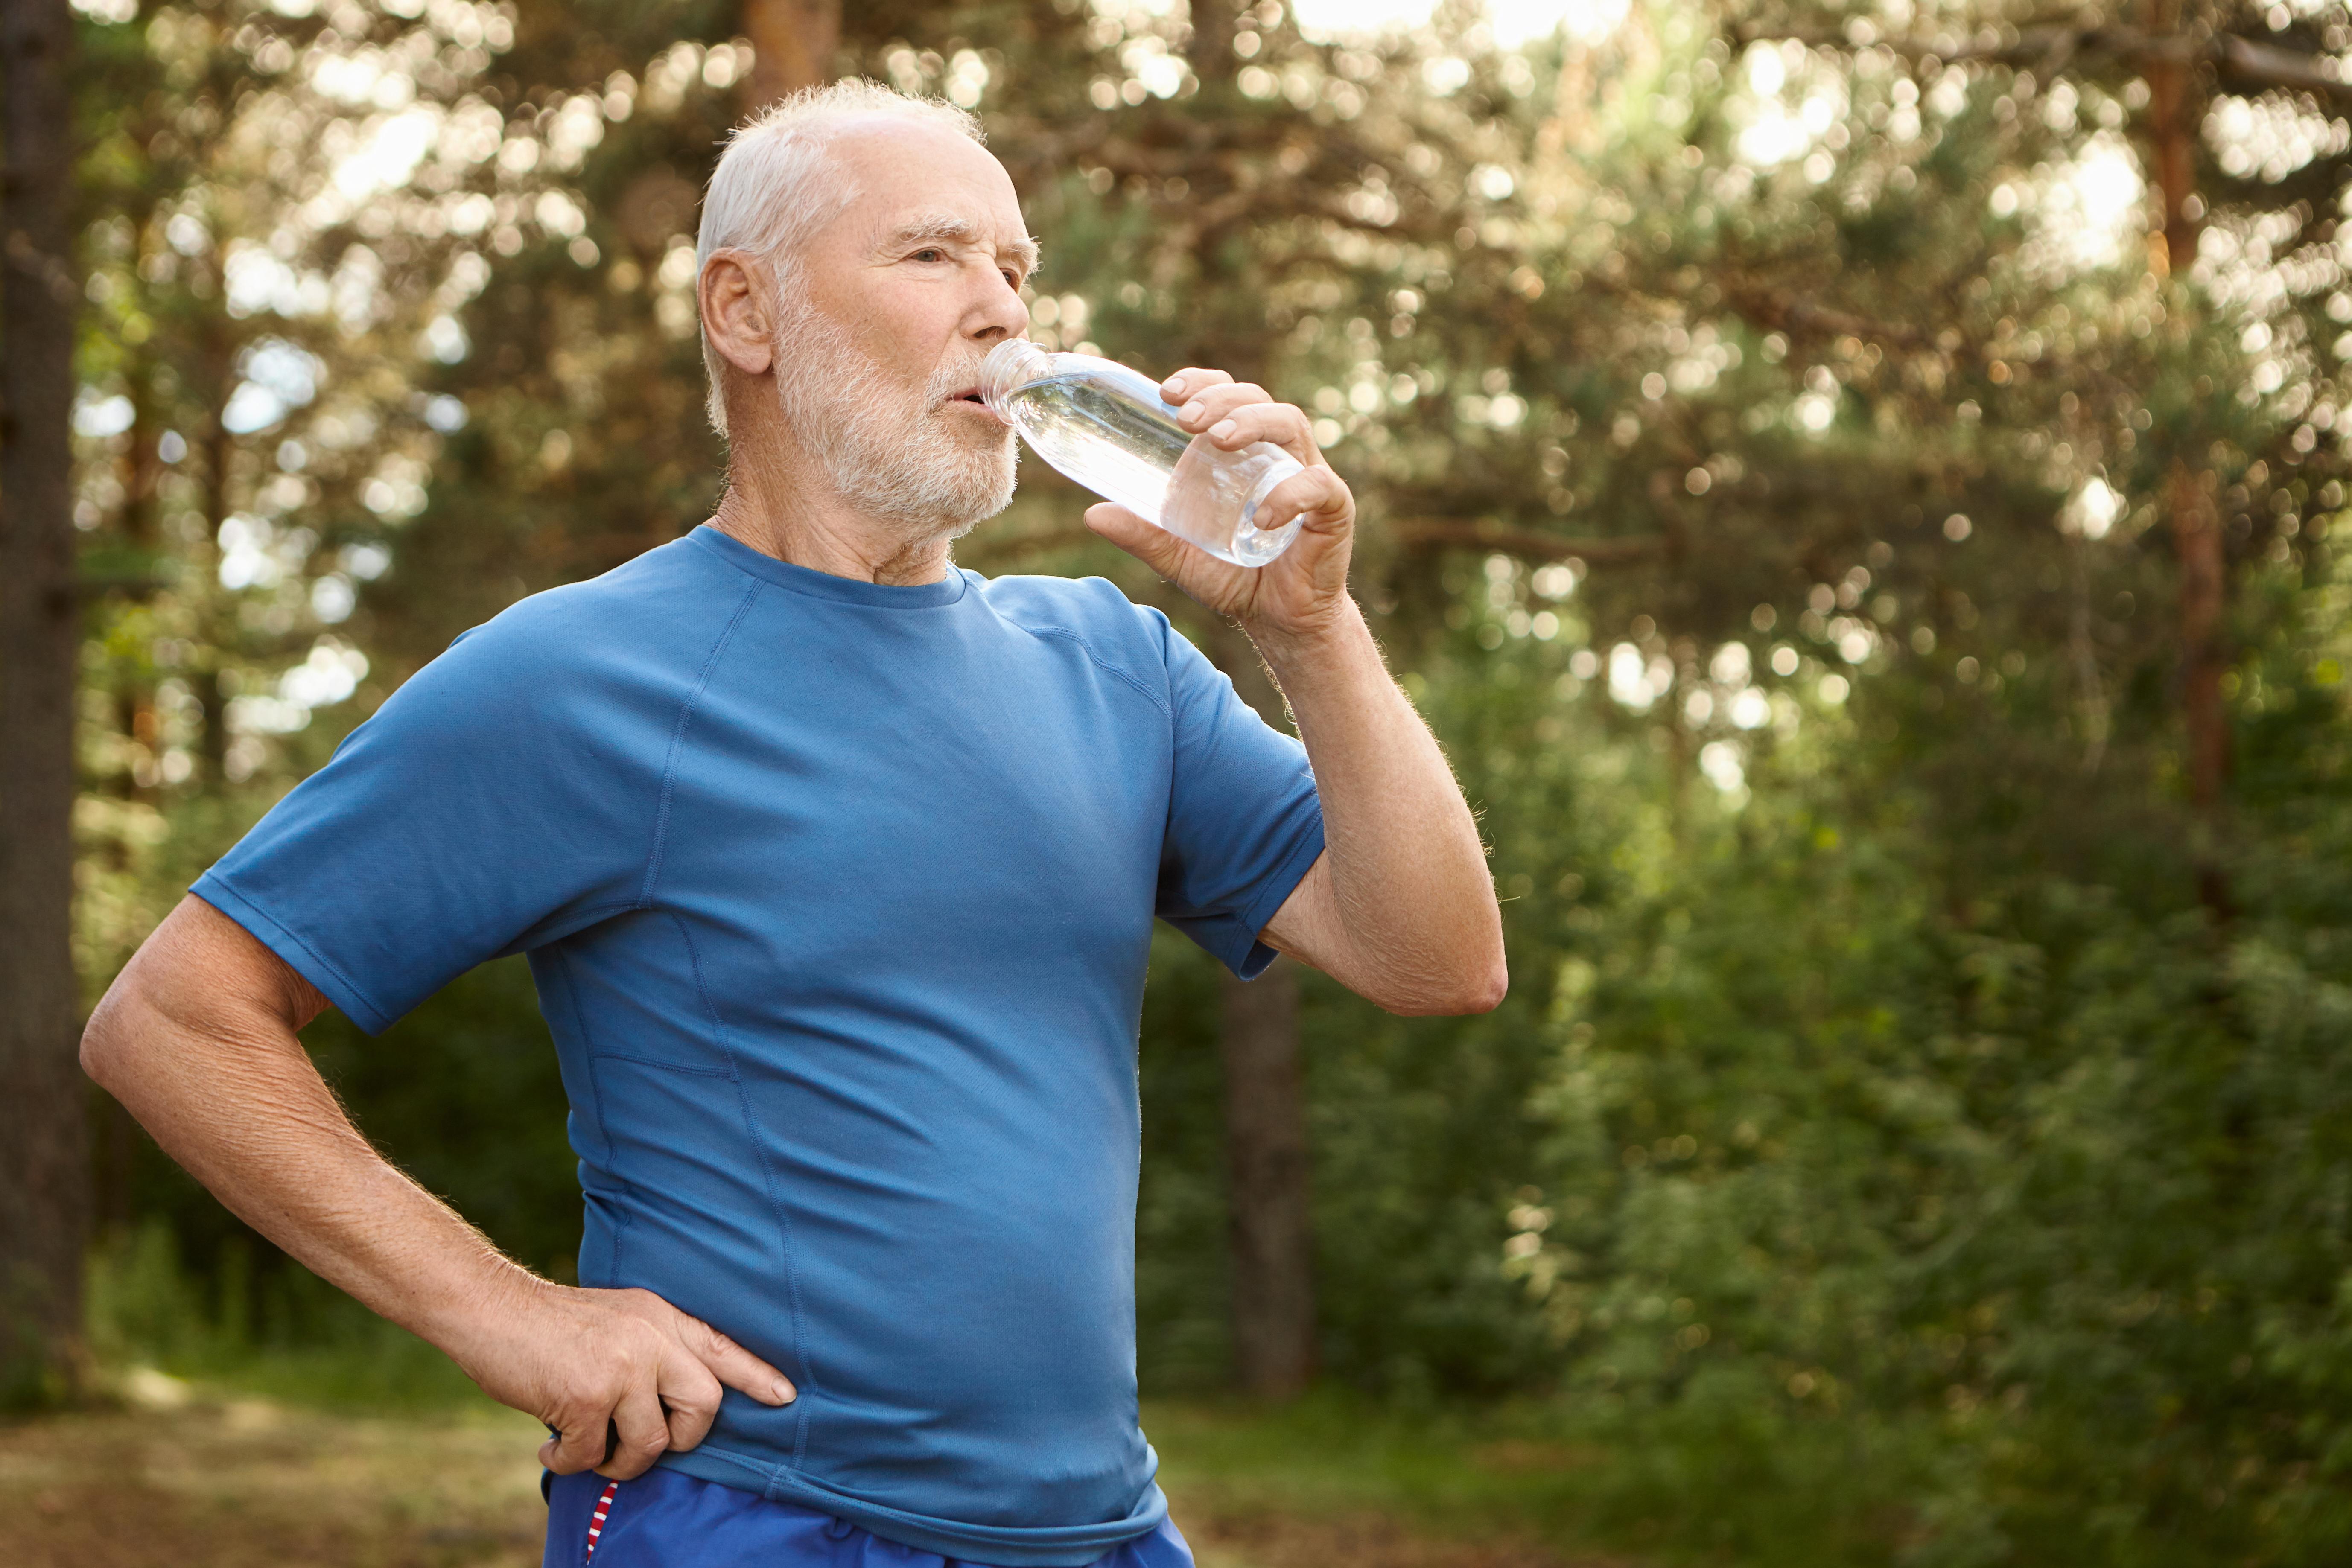 5 recomendaciones para mantenerte hidratado en verano